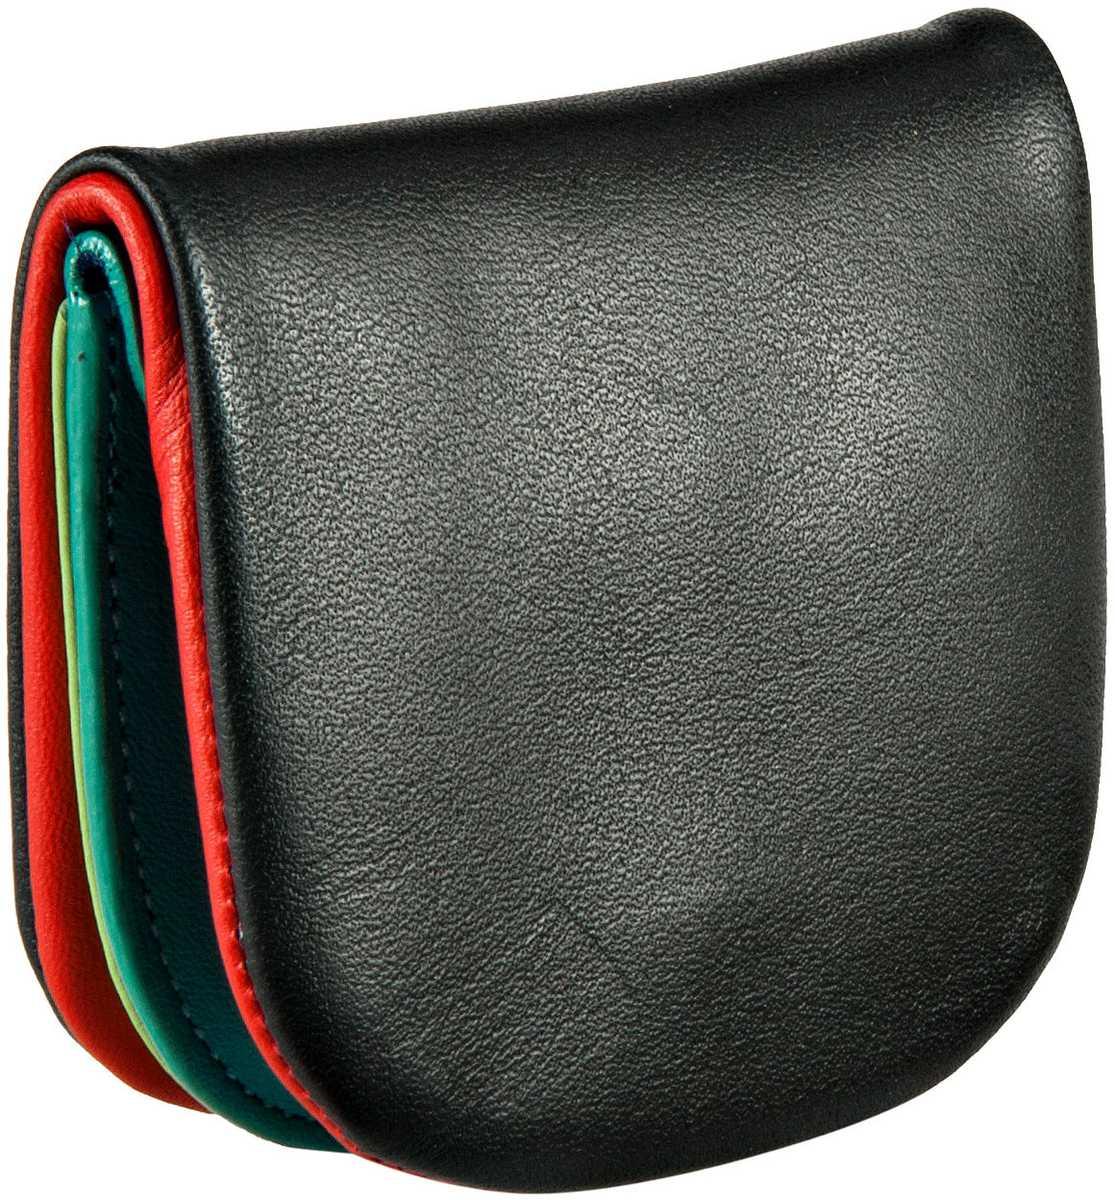 Geldboersen für Frauen - Mywalit Geldbörse Tray Purse Black Pace  - Onlineshop Taschenkaufhaus